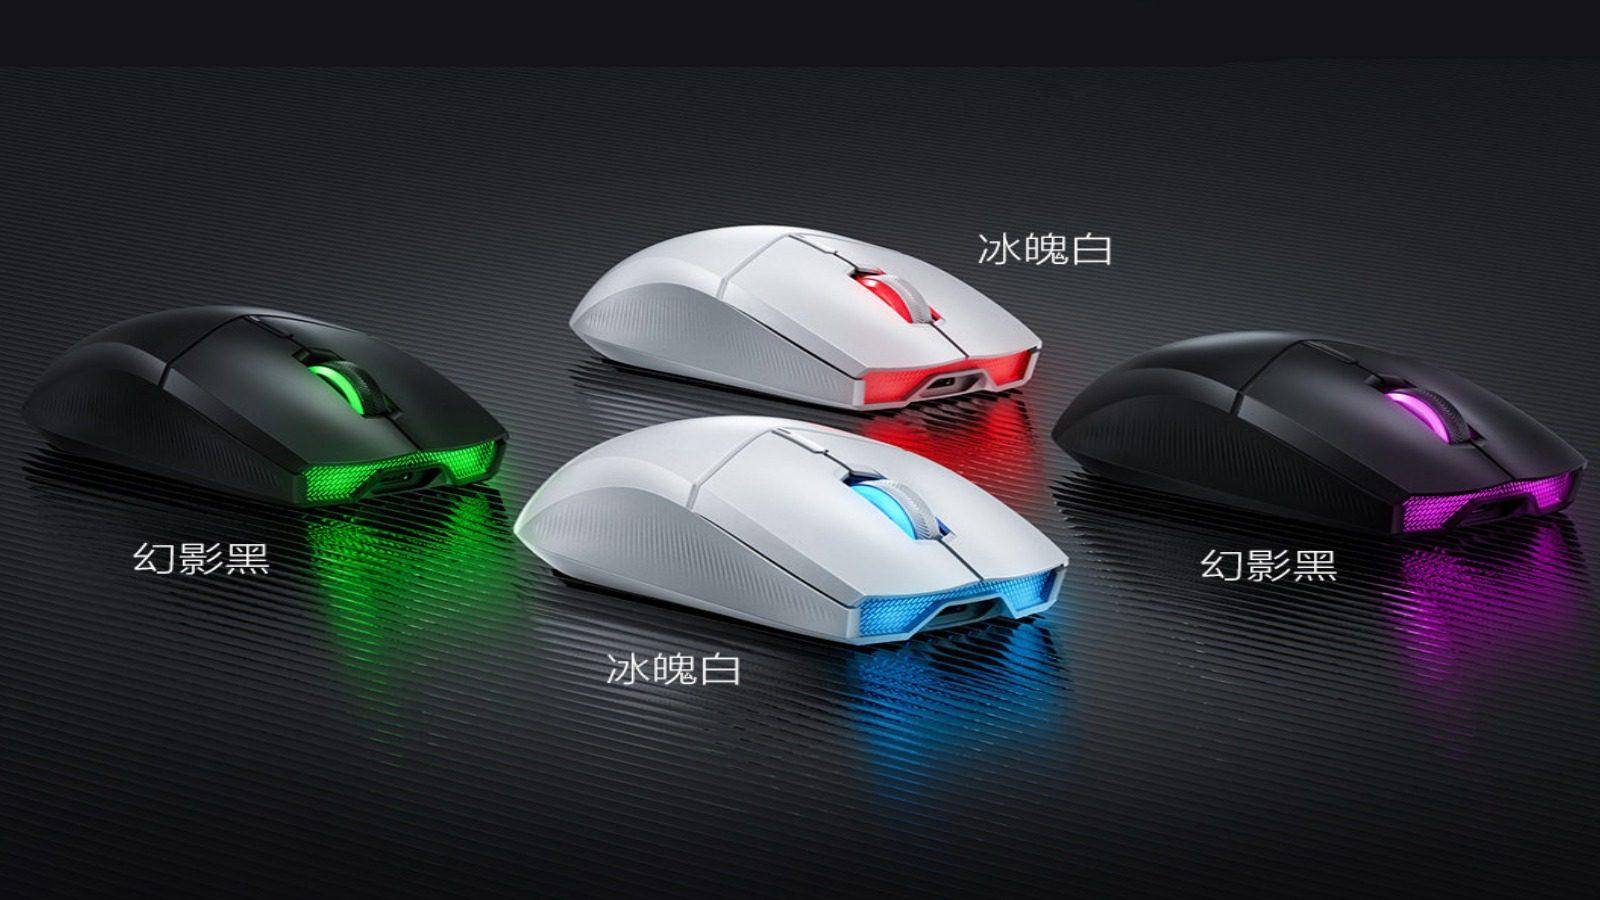 Lenovo savior M500 Mouse